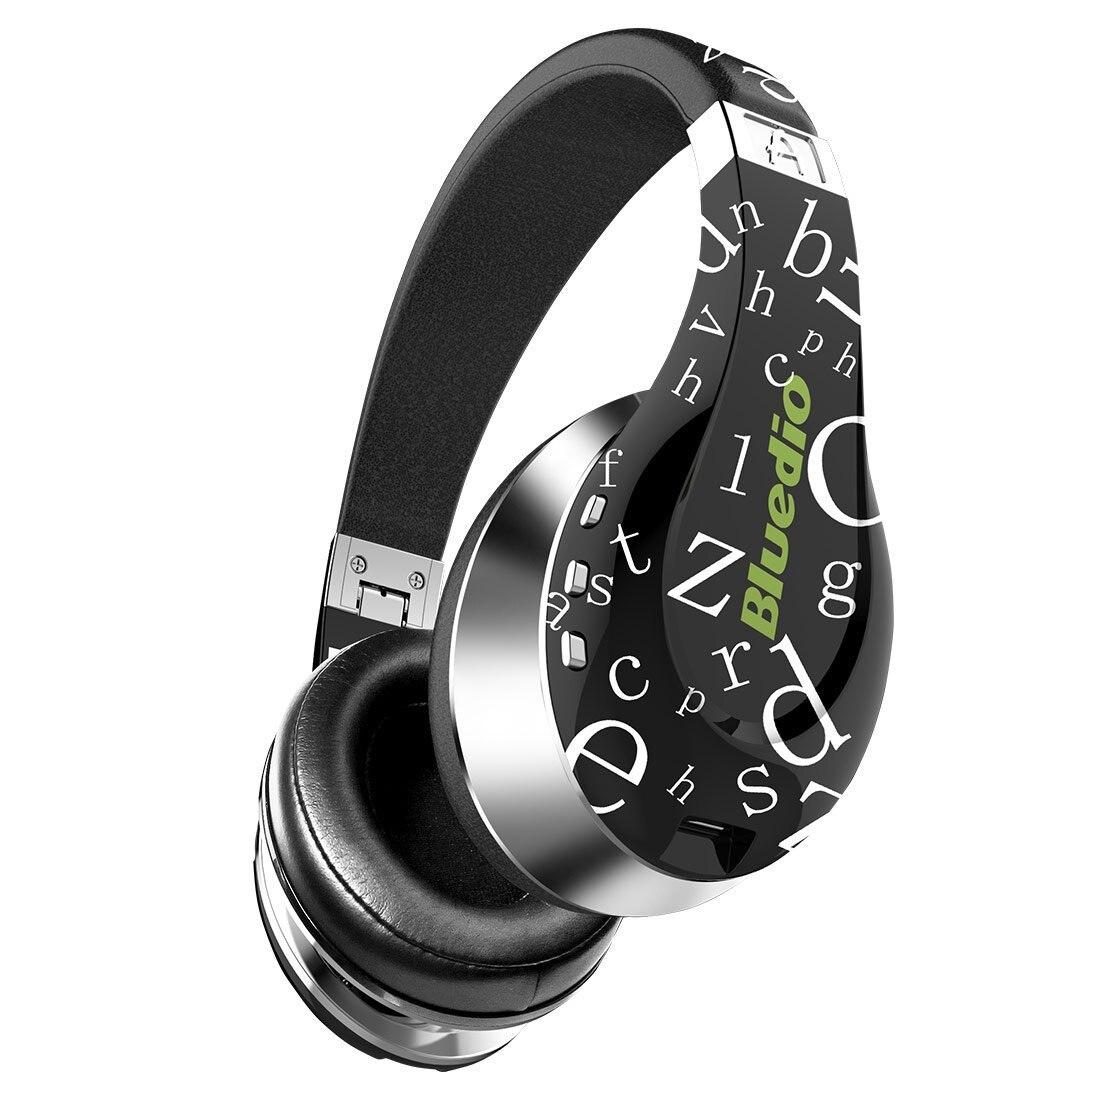 Bluedio A (Air) élégant casque sans fil Bluetooth avec micro (noir) - 4